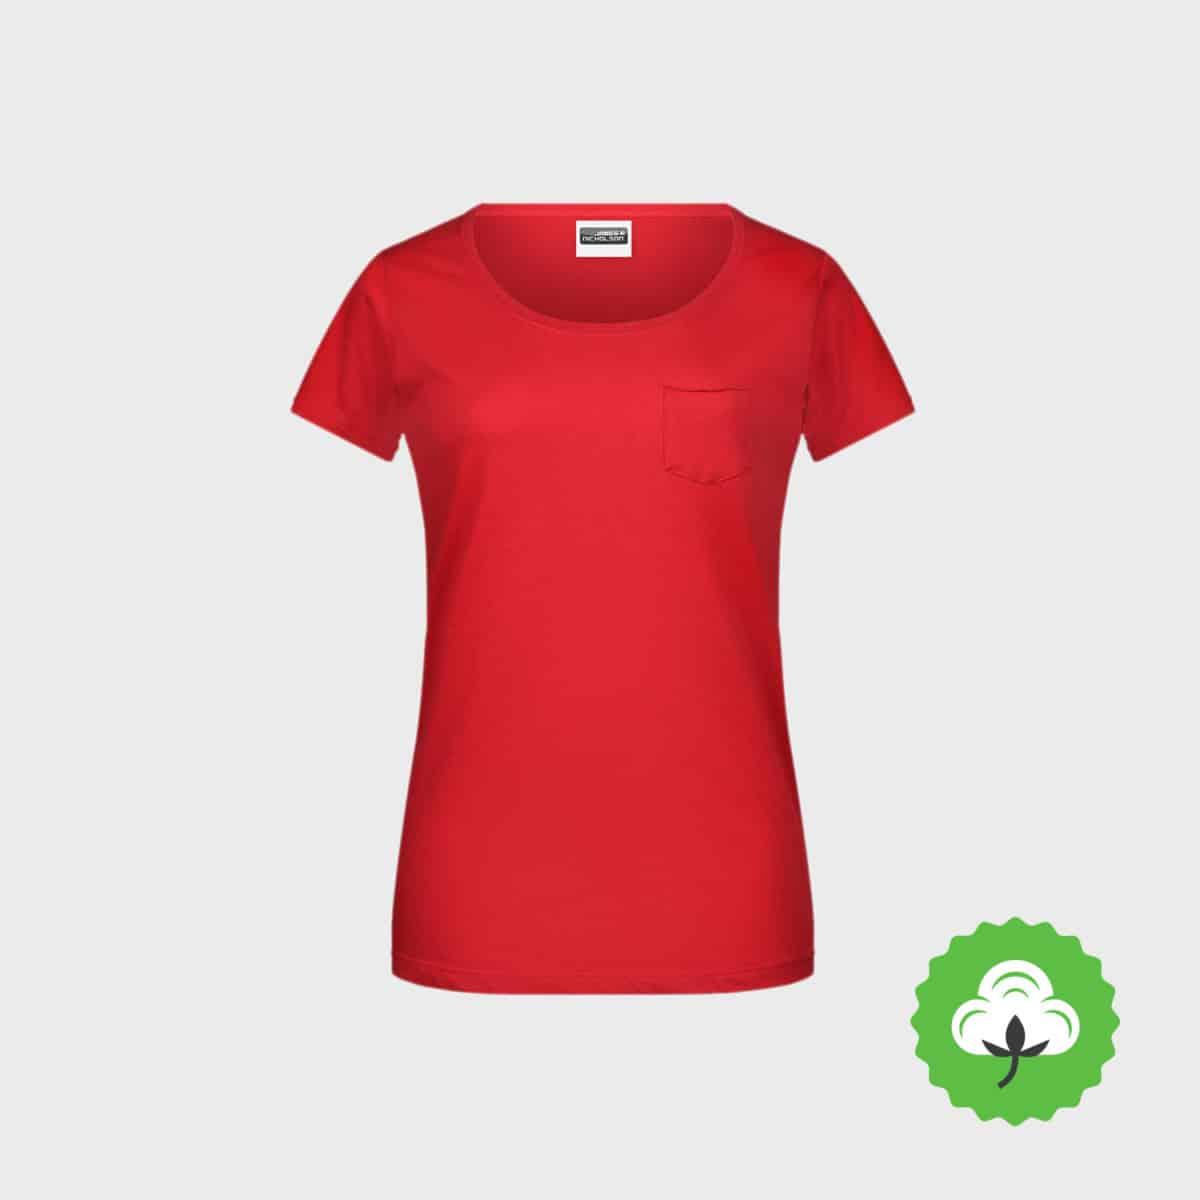 Bio-T-Shirt-mit-Tasche-besticken lassen